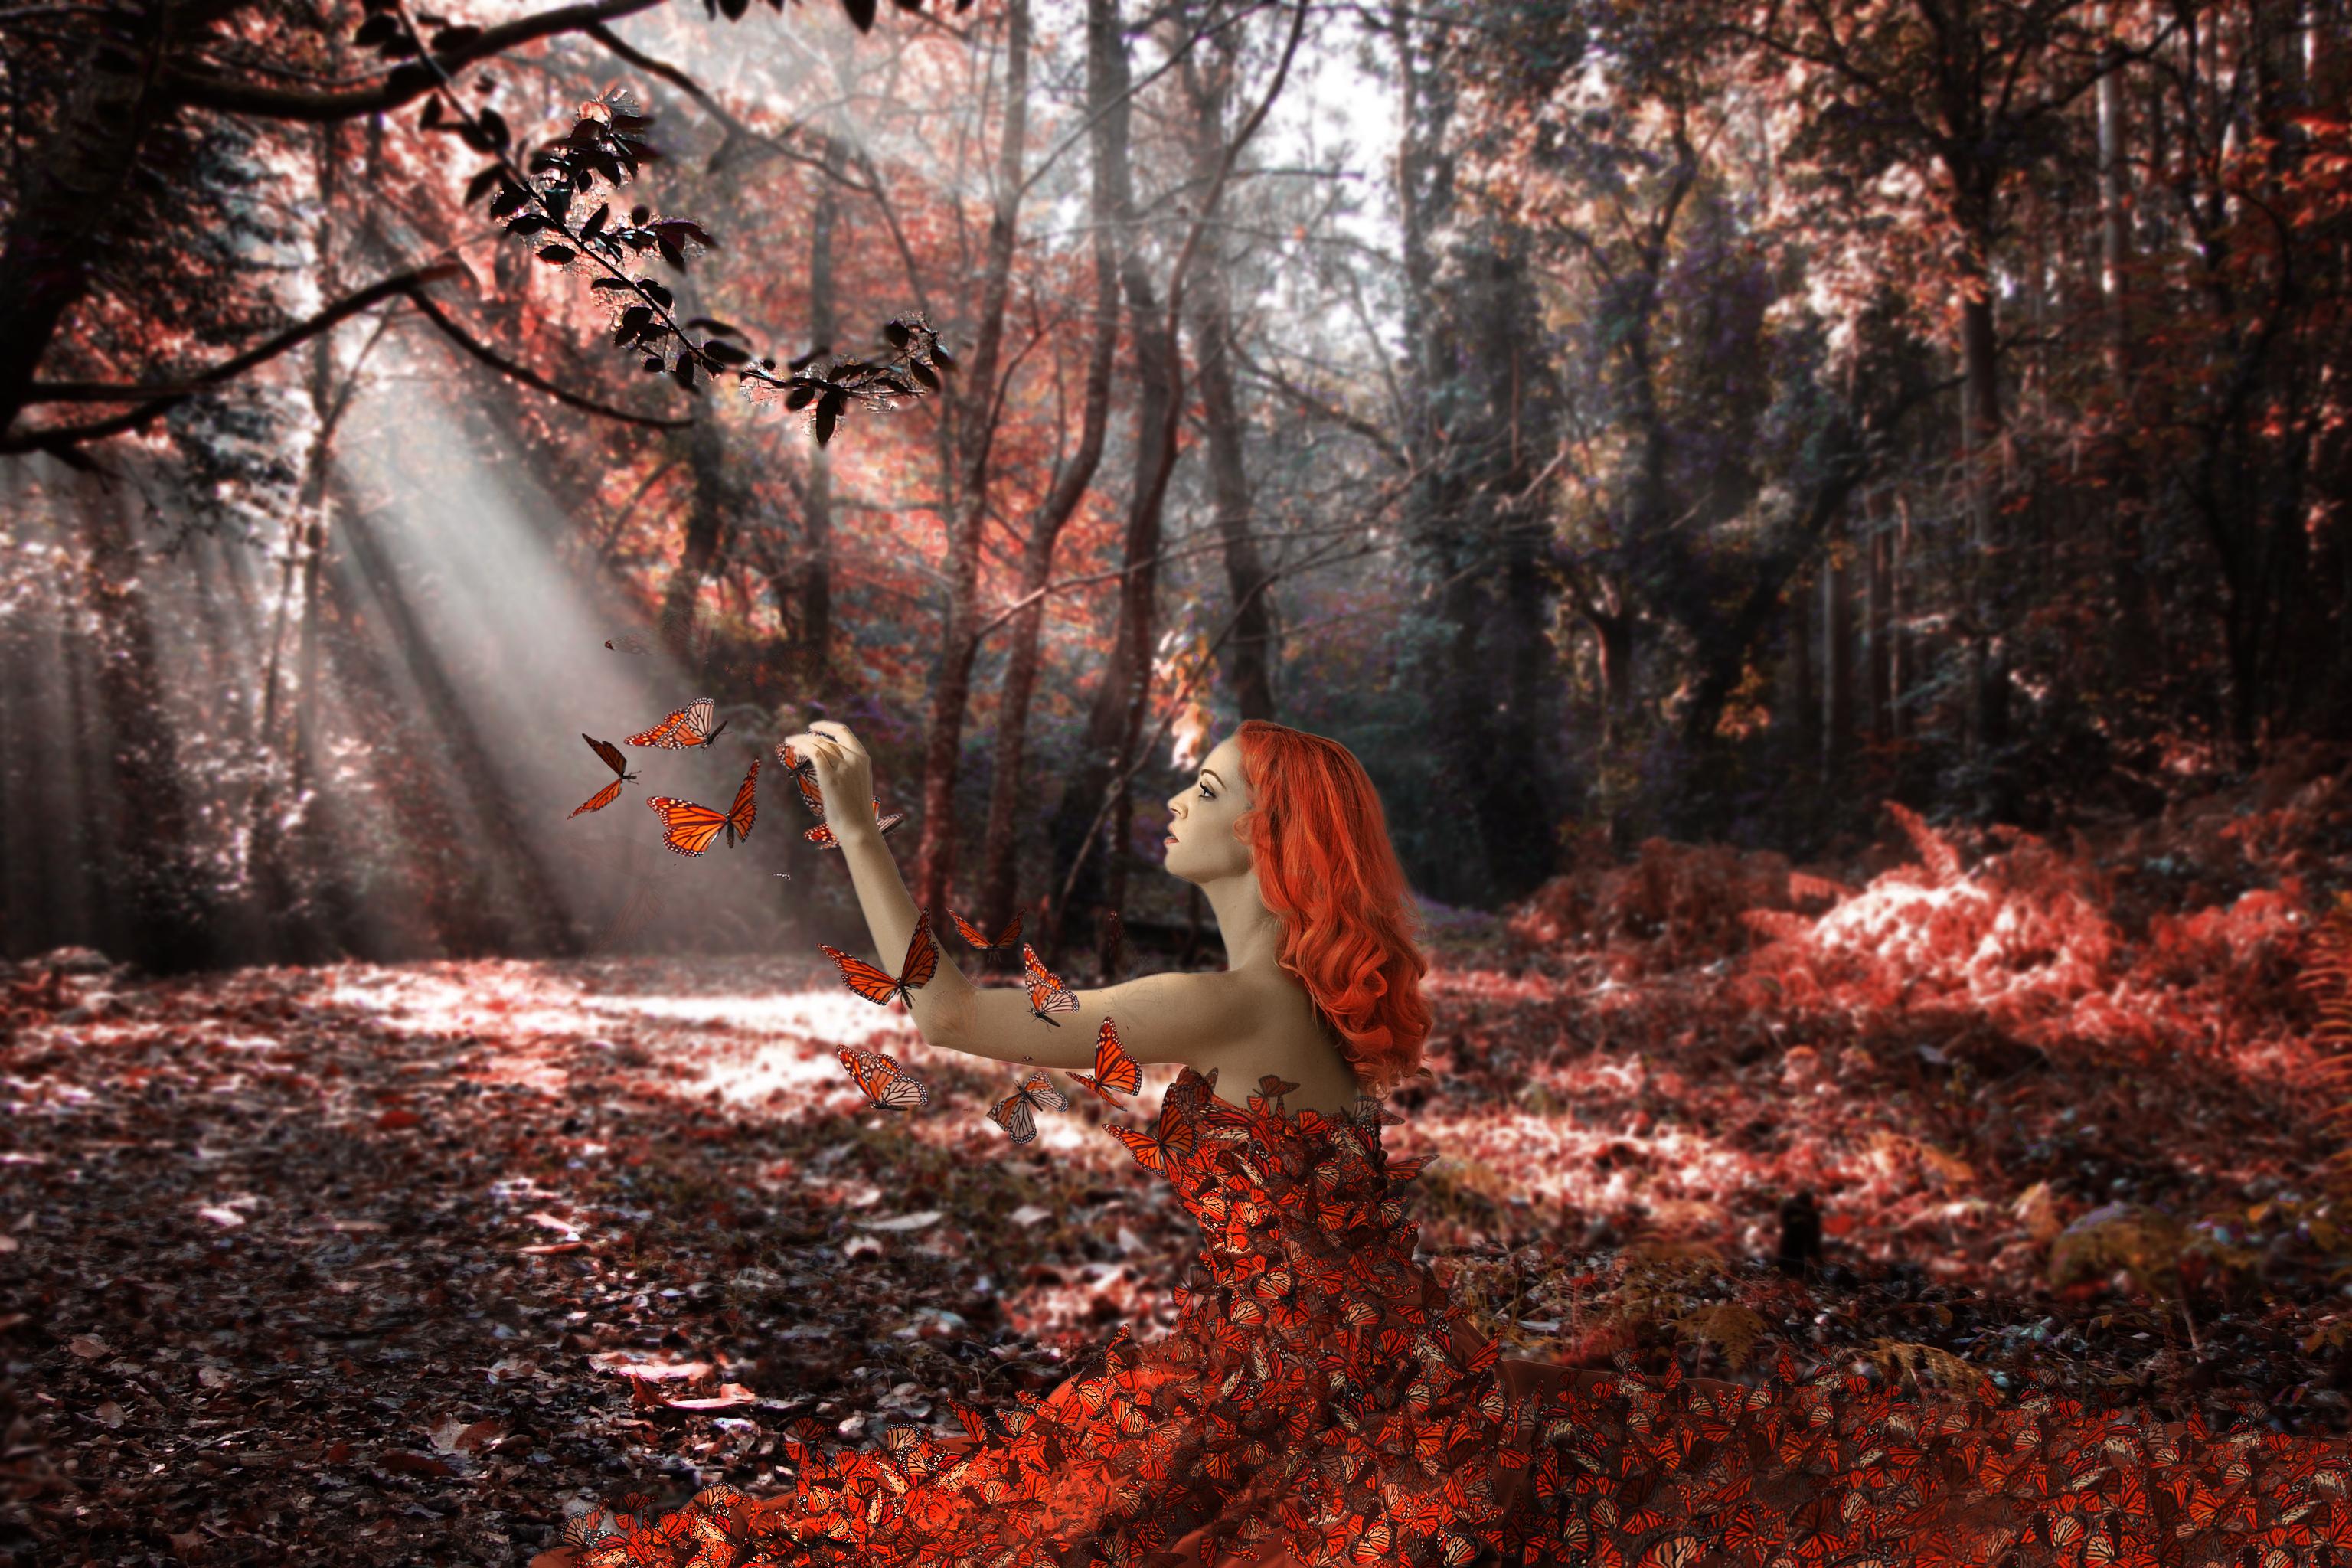 Девушка в лесу на листьях  № 2707686 загрузить